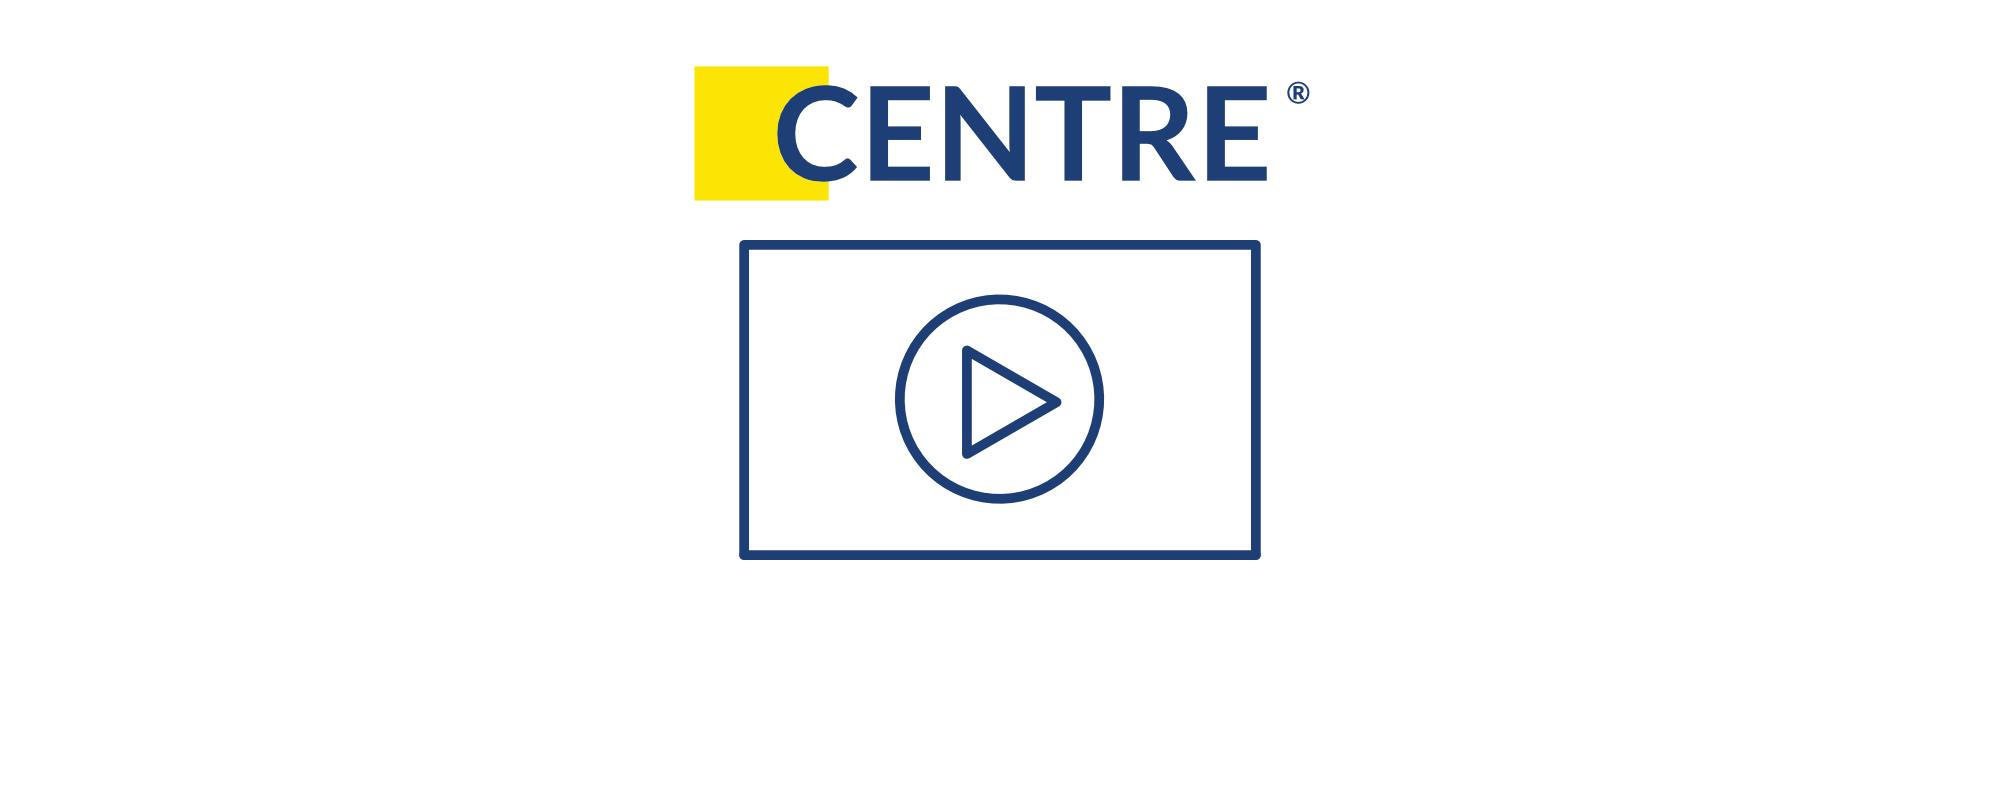 Centre® Lagerungskissen: zu unseren Videoanleitungen für die korrekte Lagerung von Personen in der Pflege